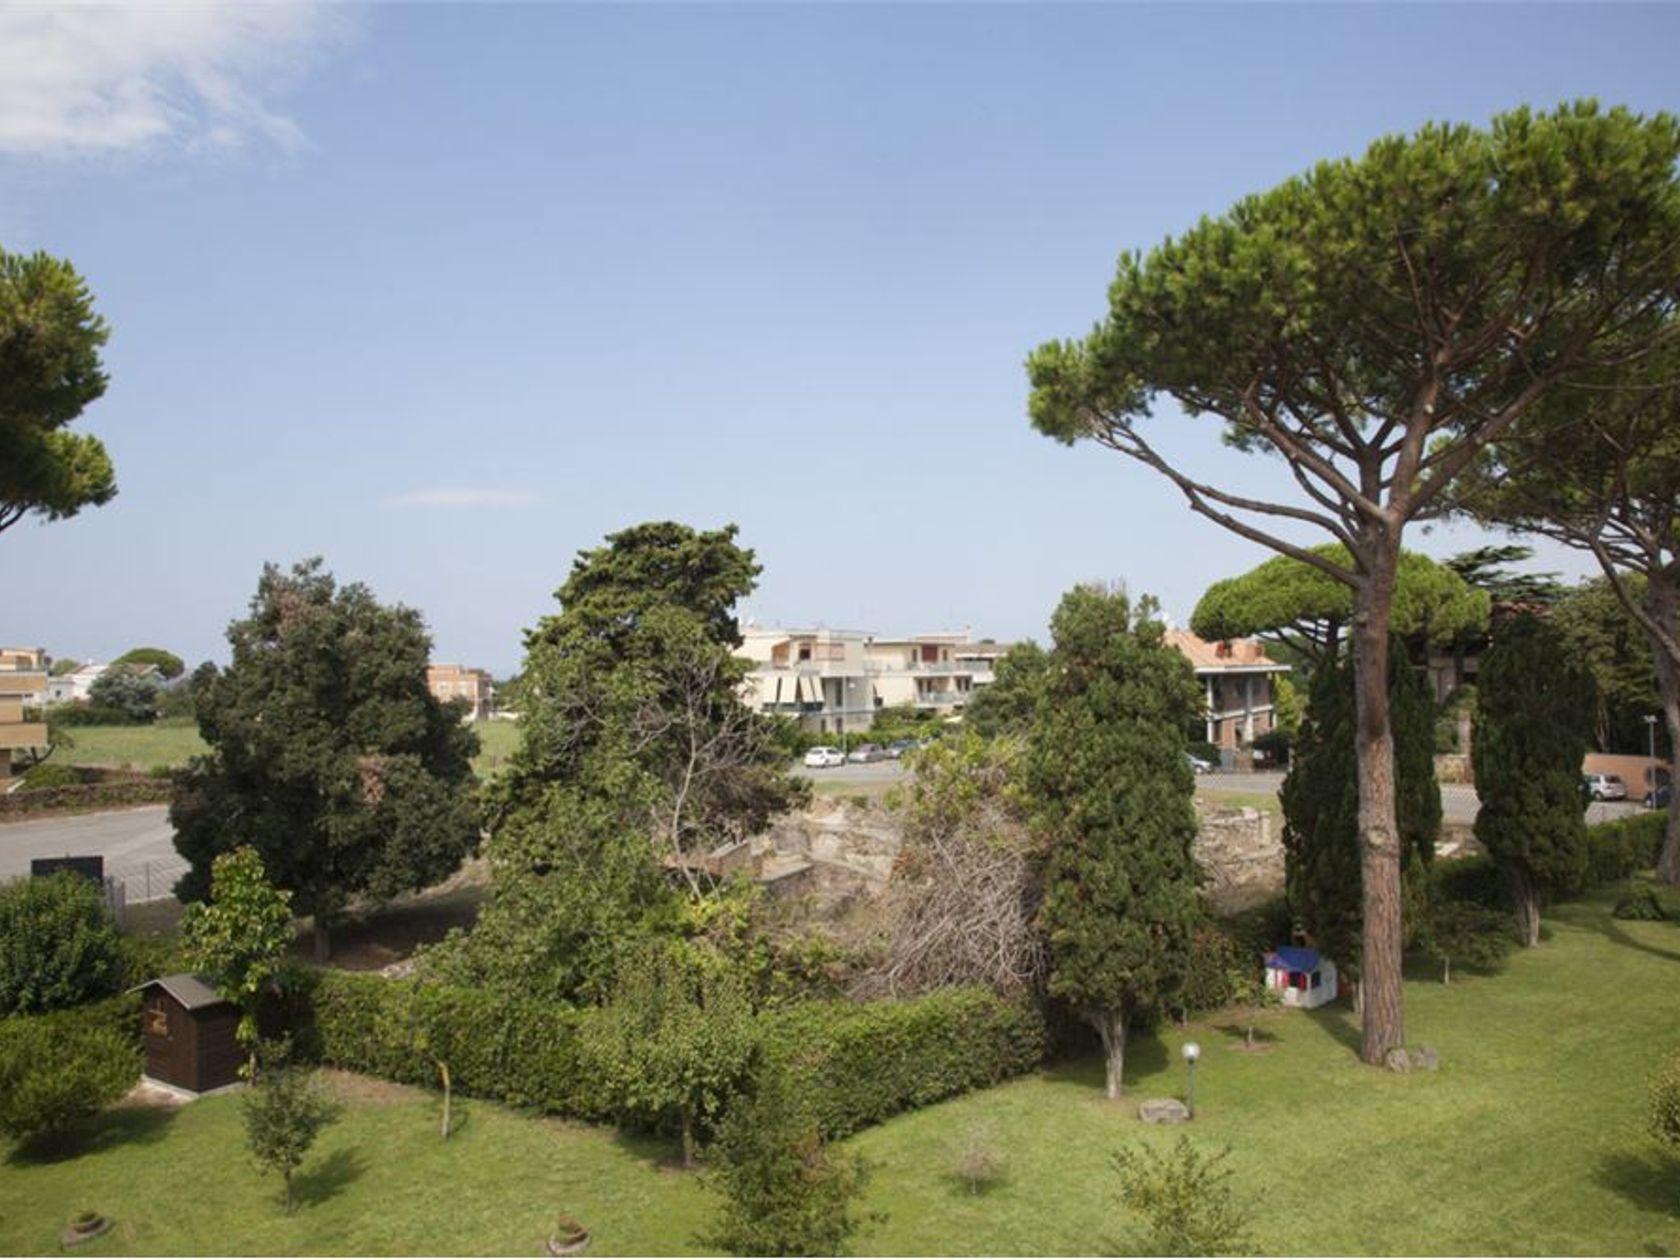 Attico/Mansarda Anzio-santa Teresa, Anzio, RM Vendita - Foto 25